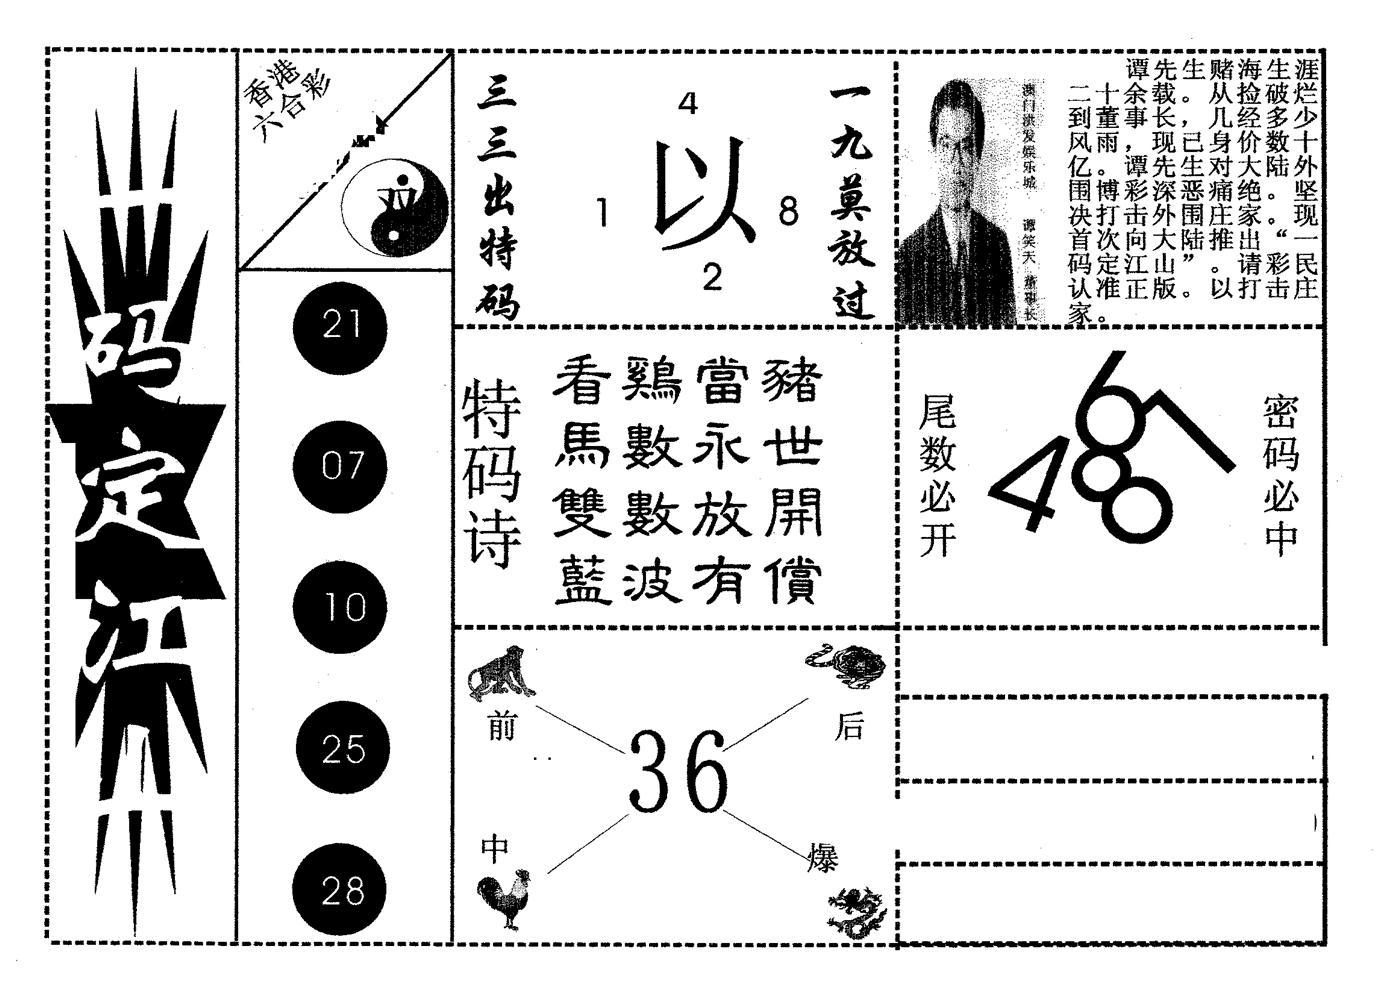 082期一码定江山(黑白)